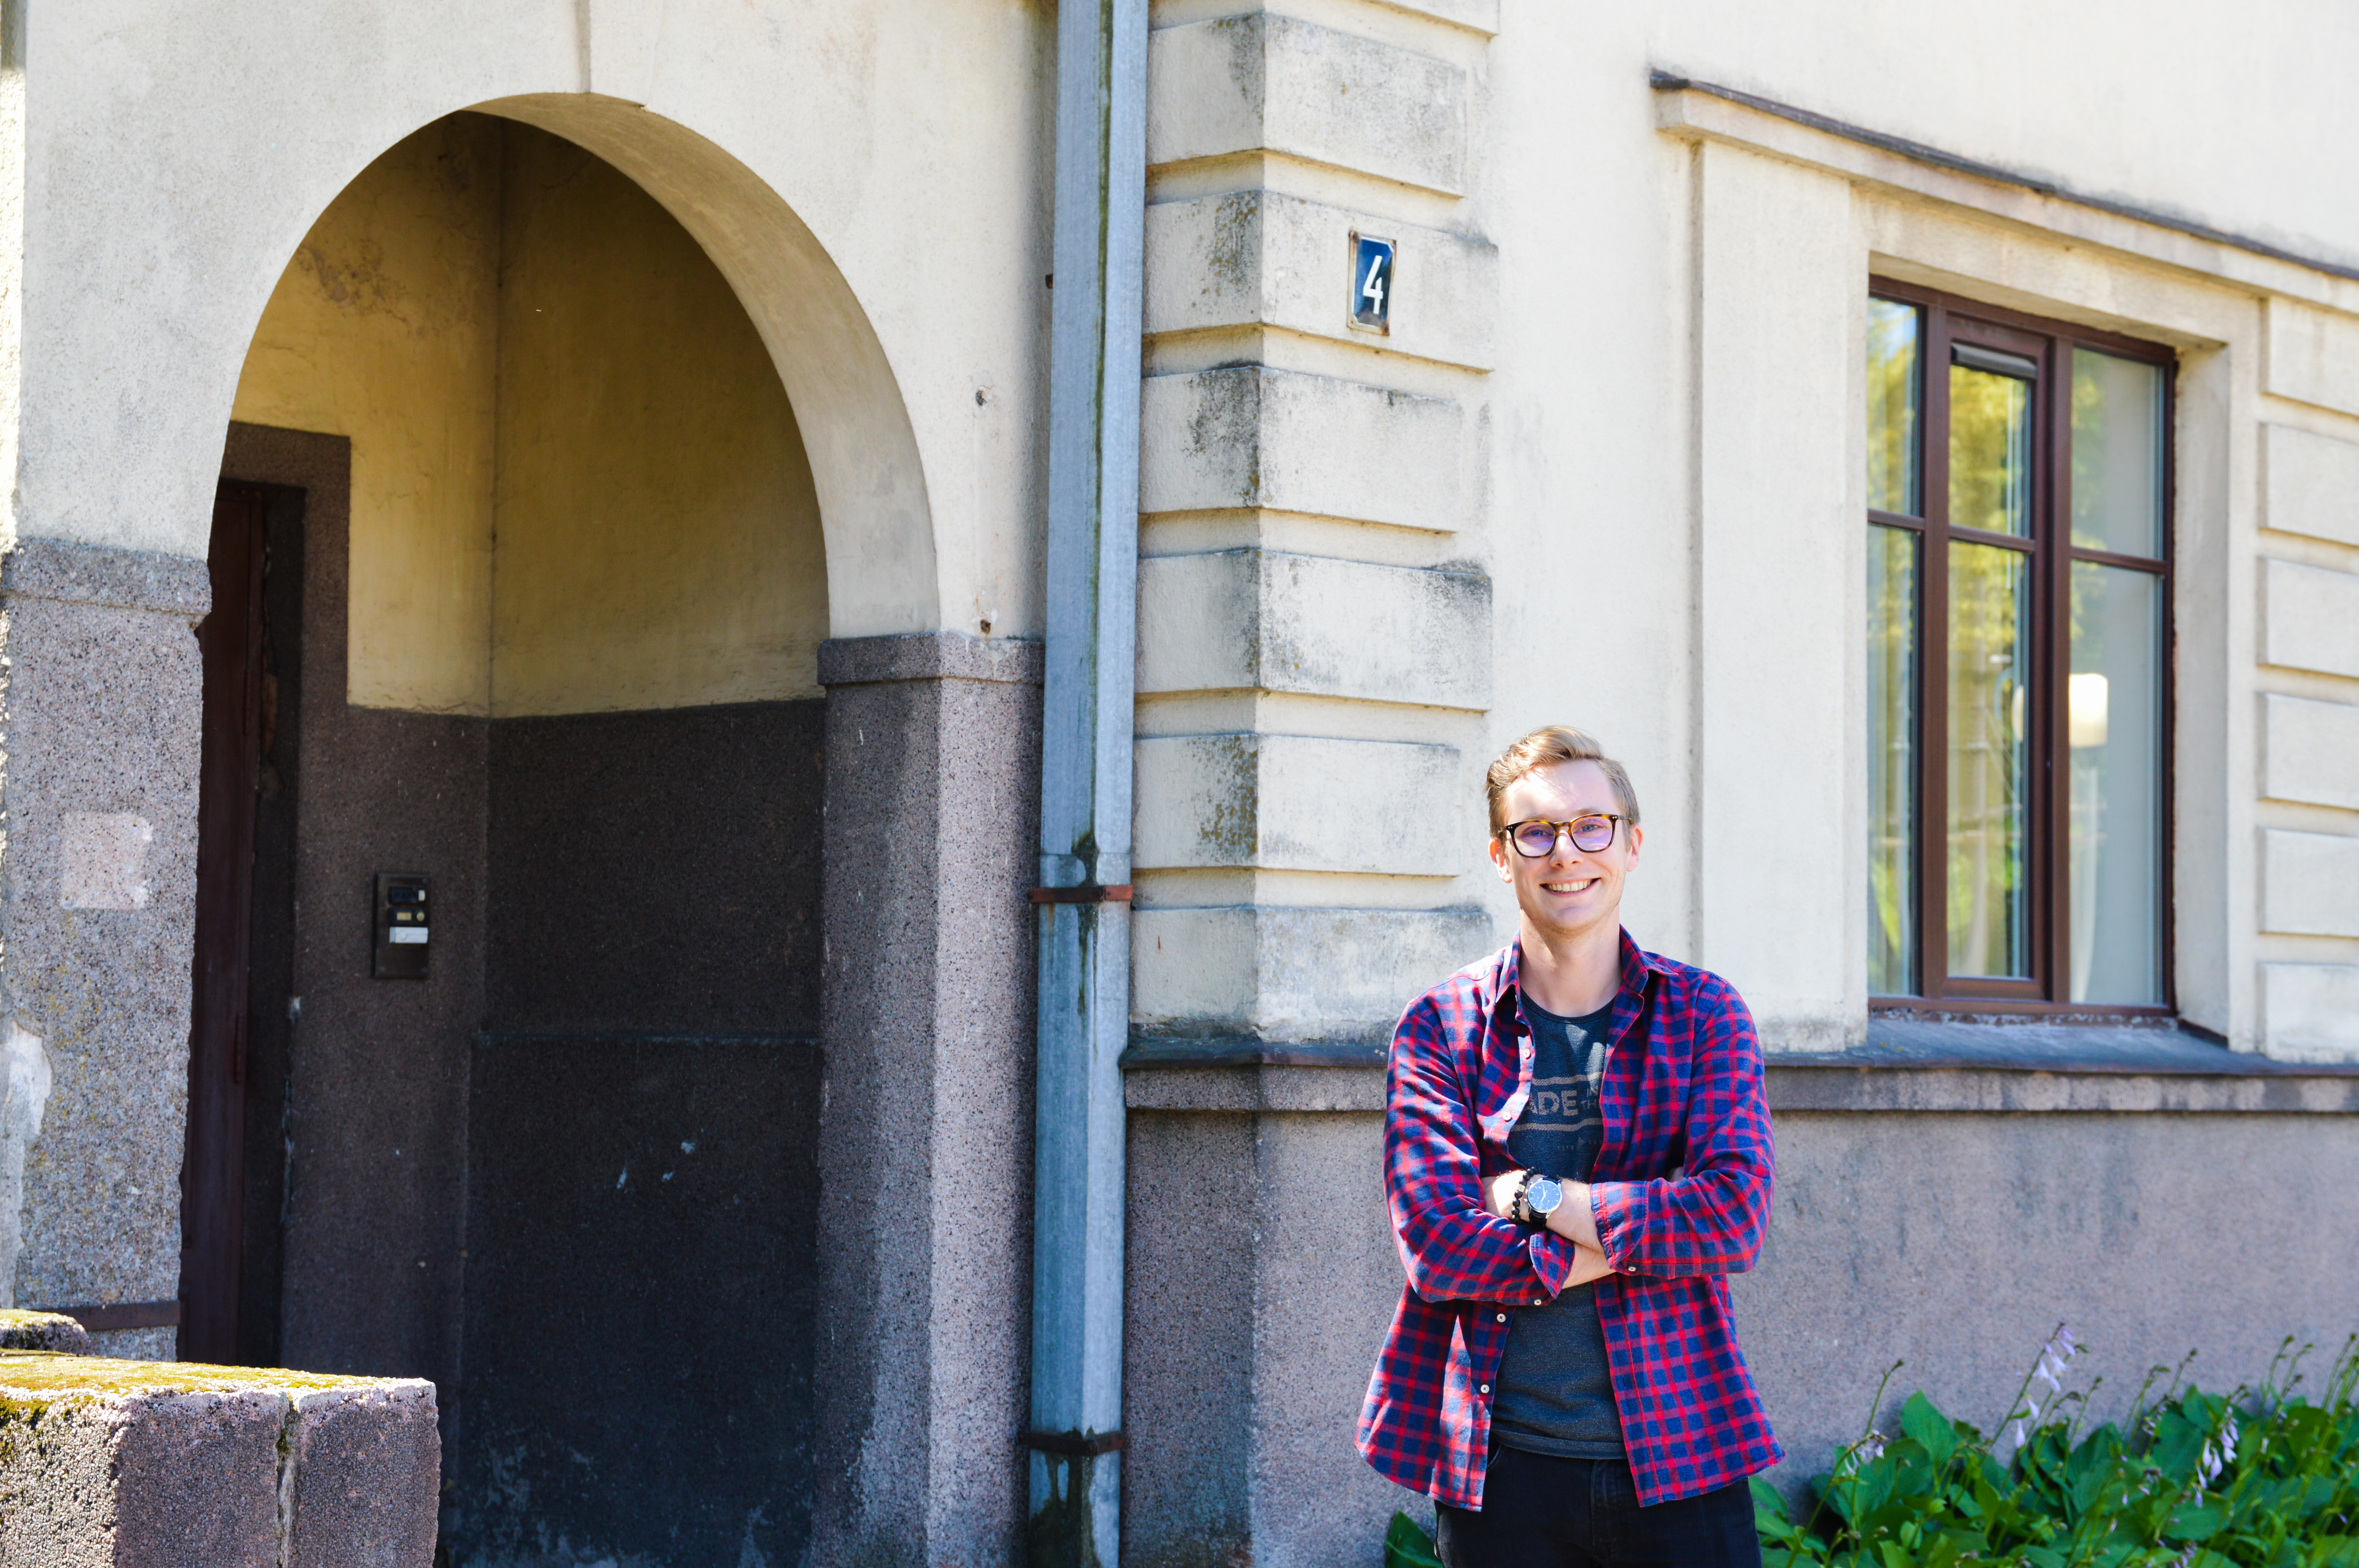 Arvydas Čiukšys prie vieno iš savo kolekcijos pastatų – Jono ir Sofijos Sližių namo, pastatyto 1931 m., Sporto g. 4. Architektas – Stasys Kudokas.